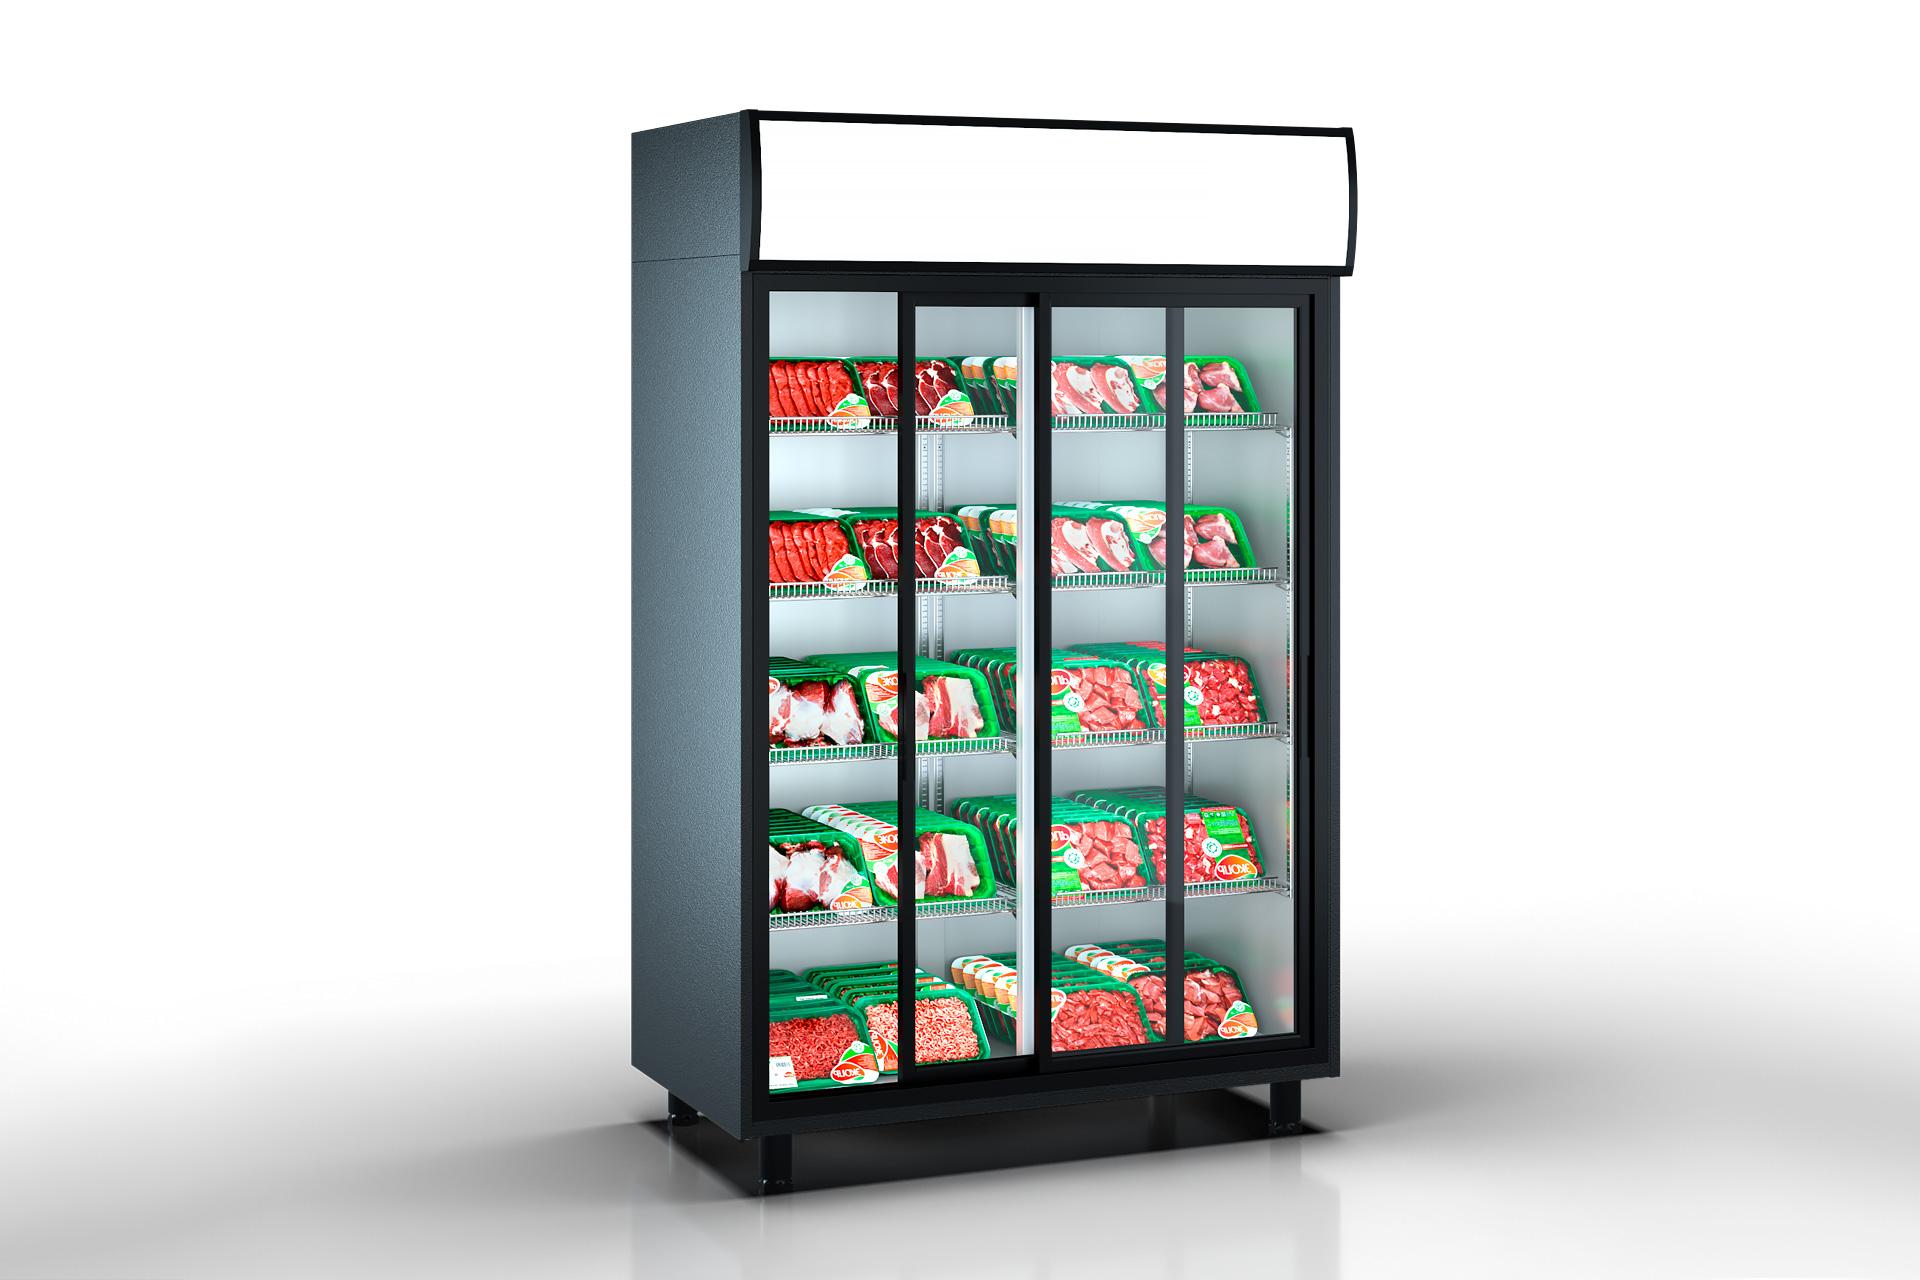 Refrigerated cabinets Kansas 5 VA1SG 070 HT SD 210-D1200A-132